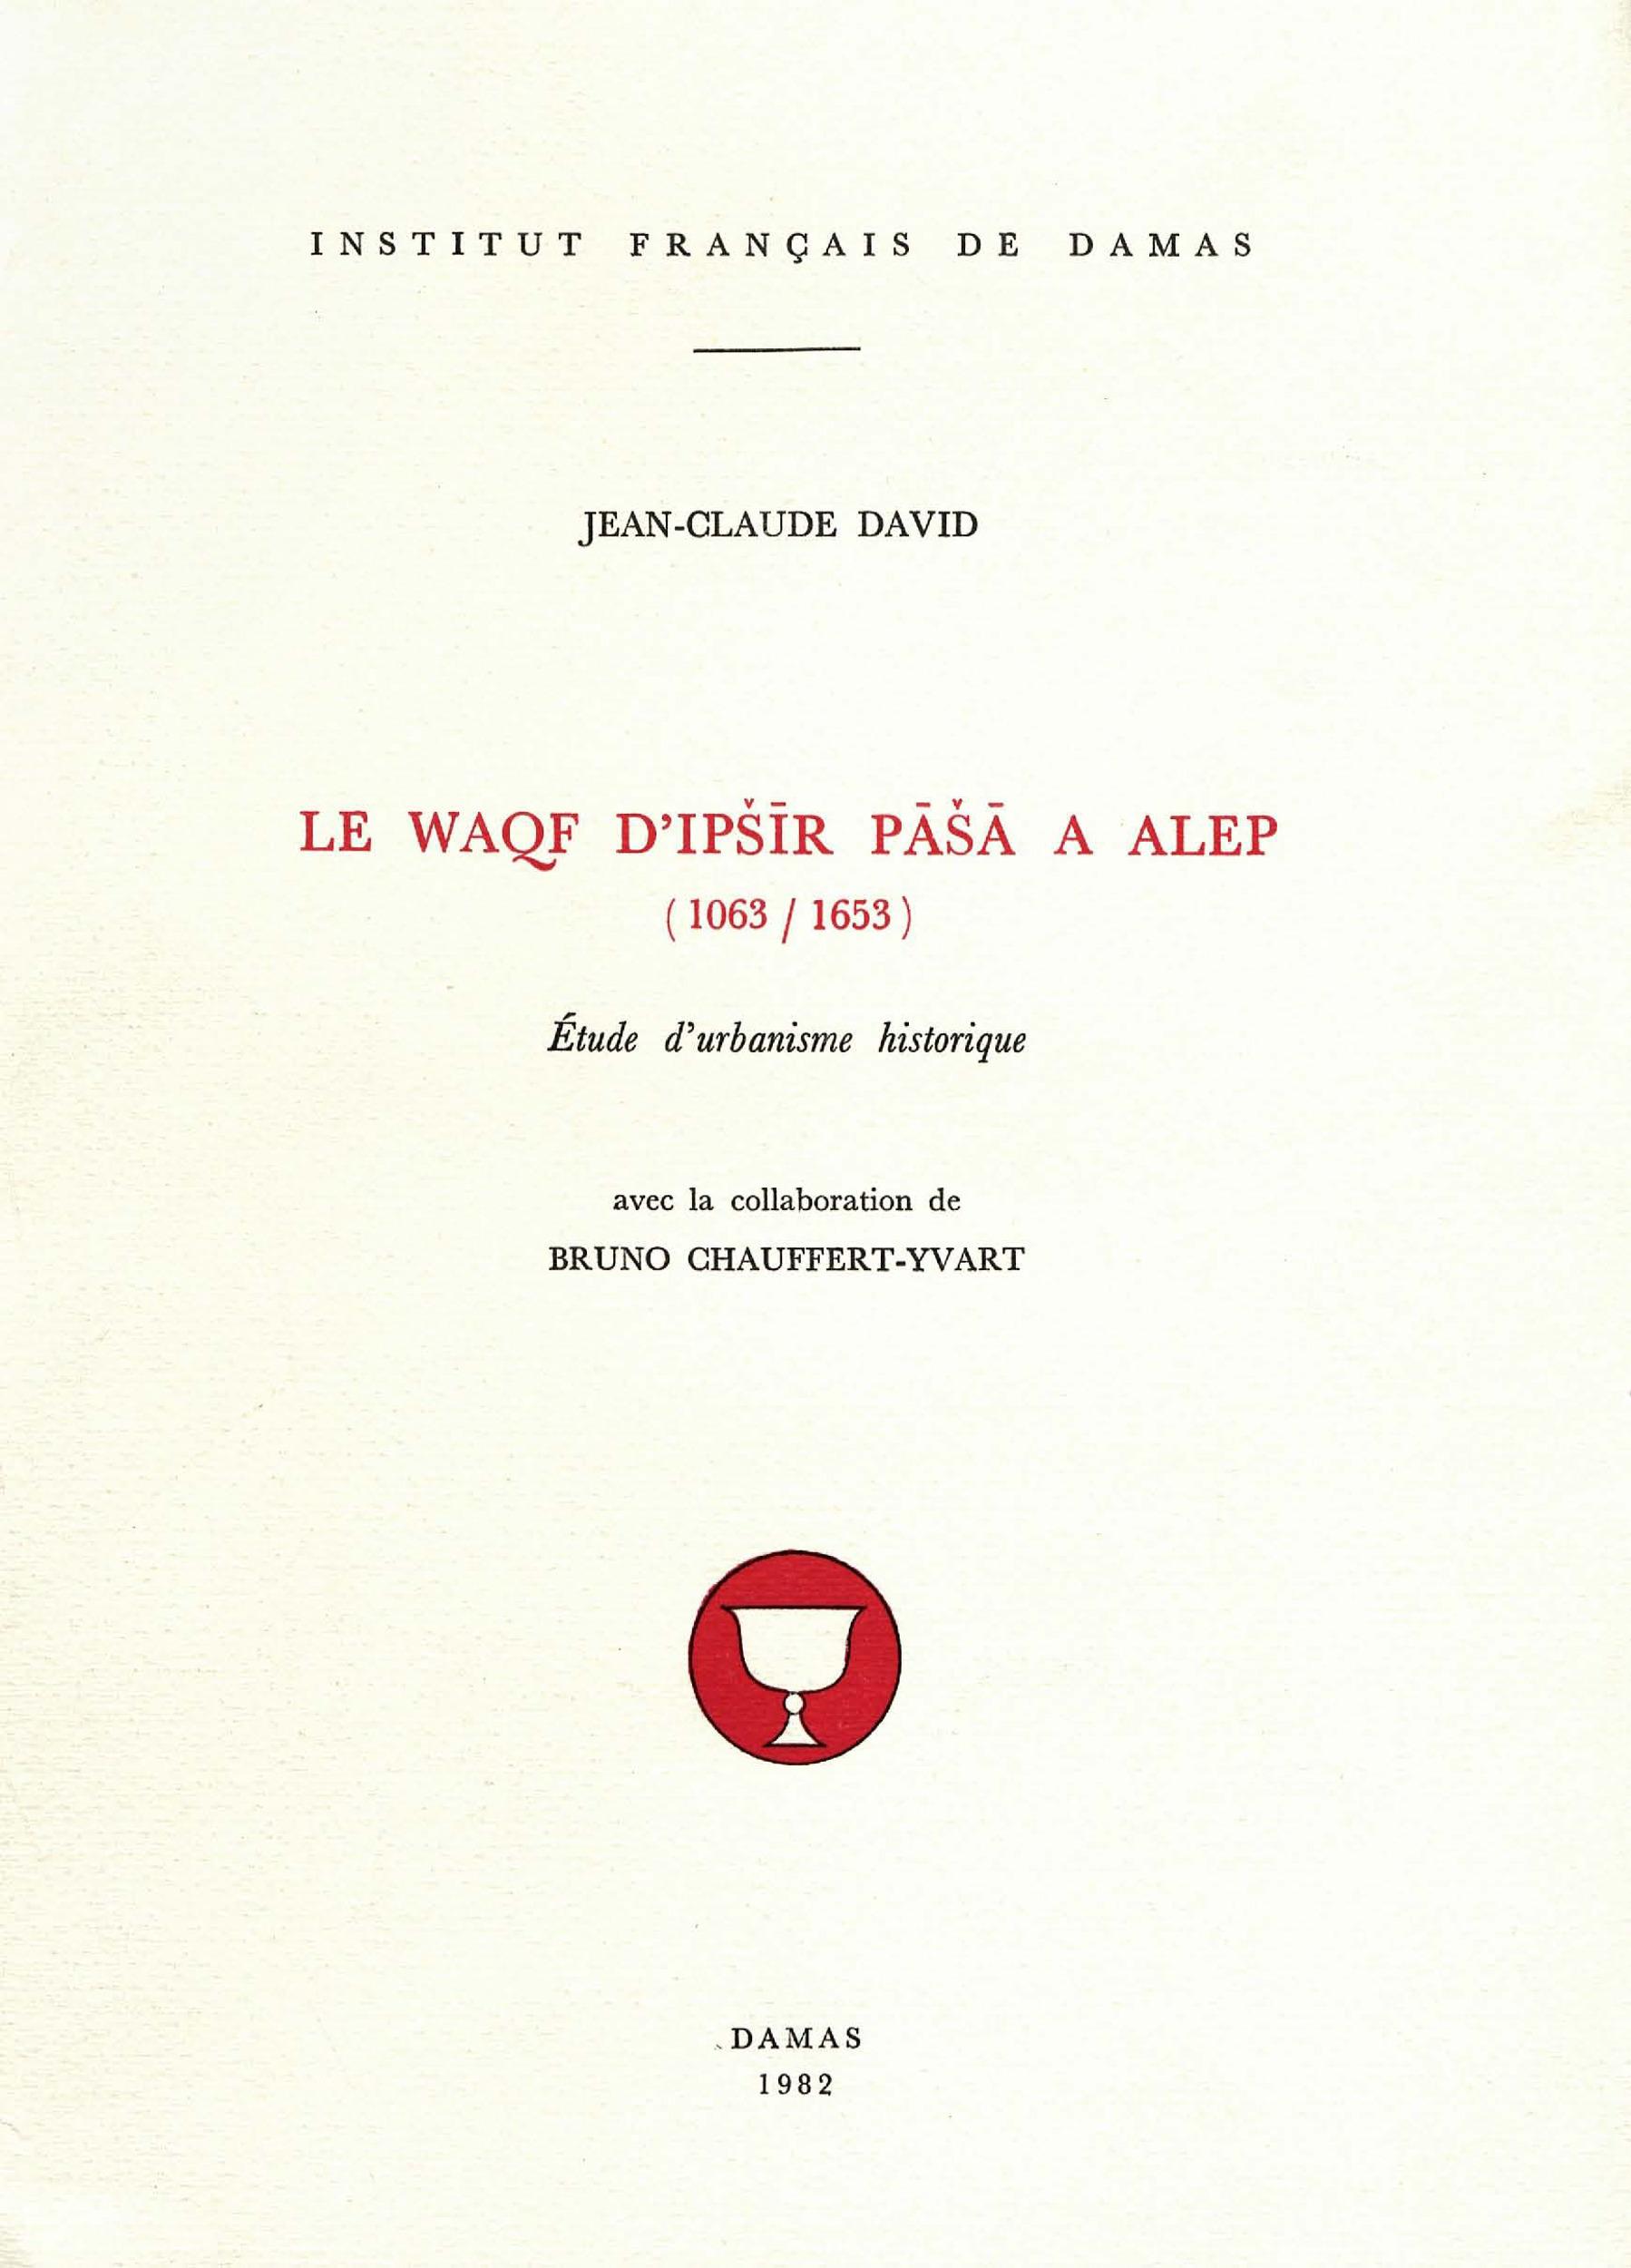 Le waqf d ipchir pacha a alep (1063/1653), etude d urbanisme historique